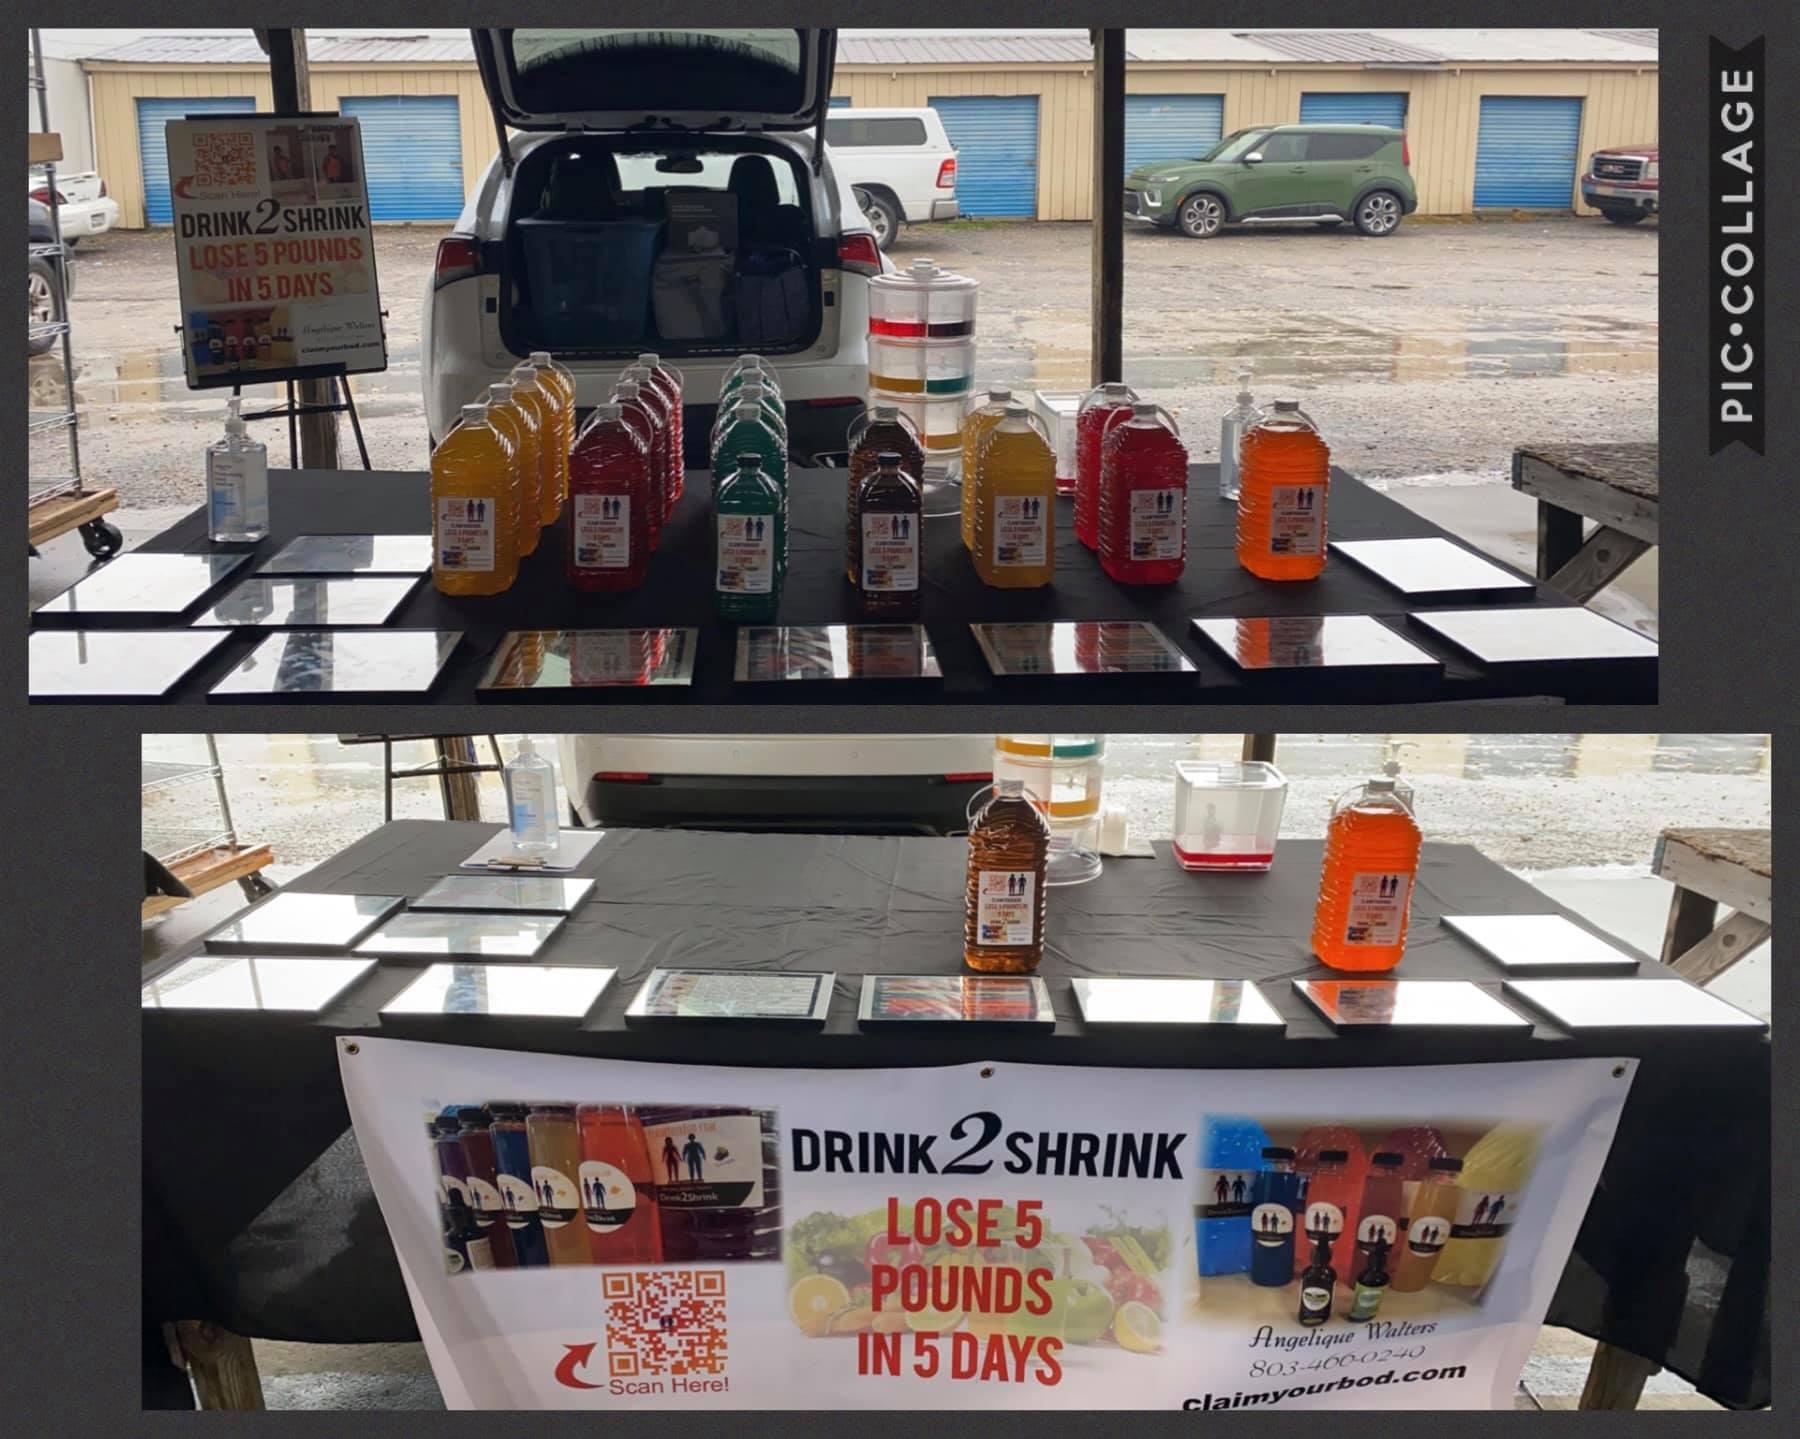 drink2shrink-popup-fleamarket-1-31-21